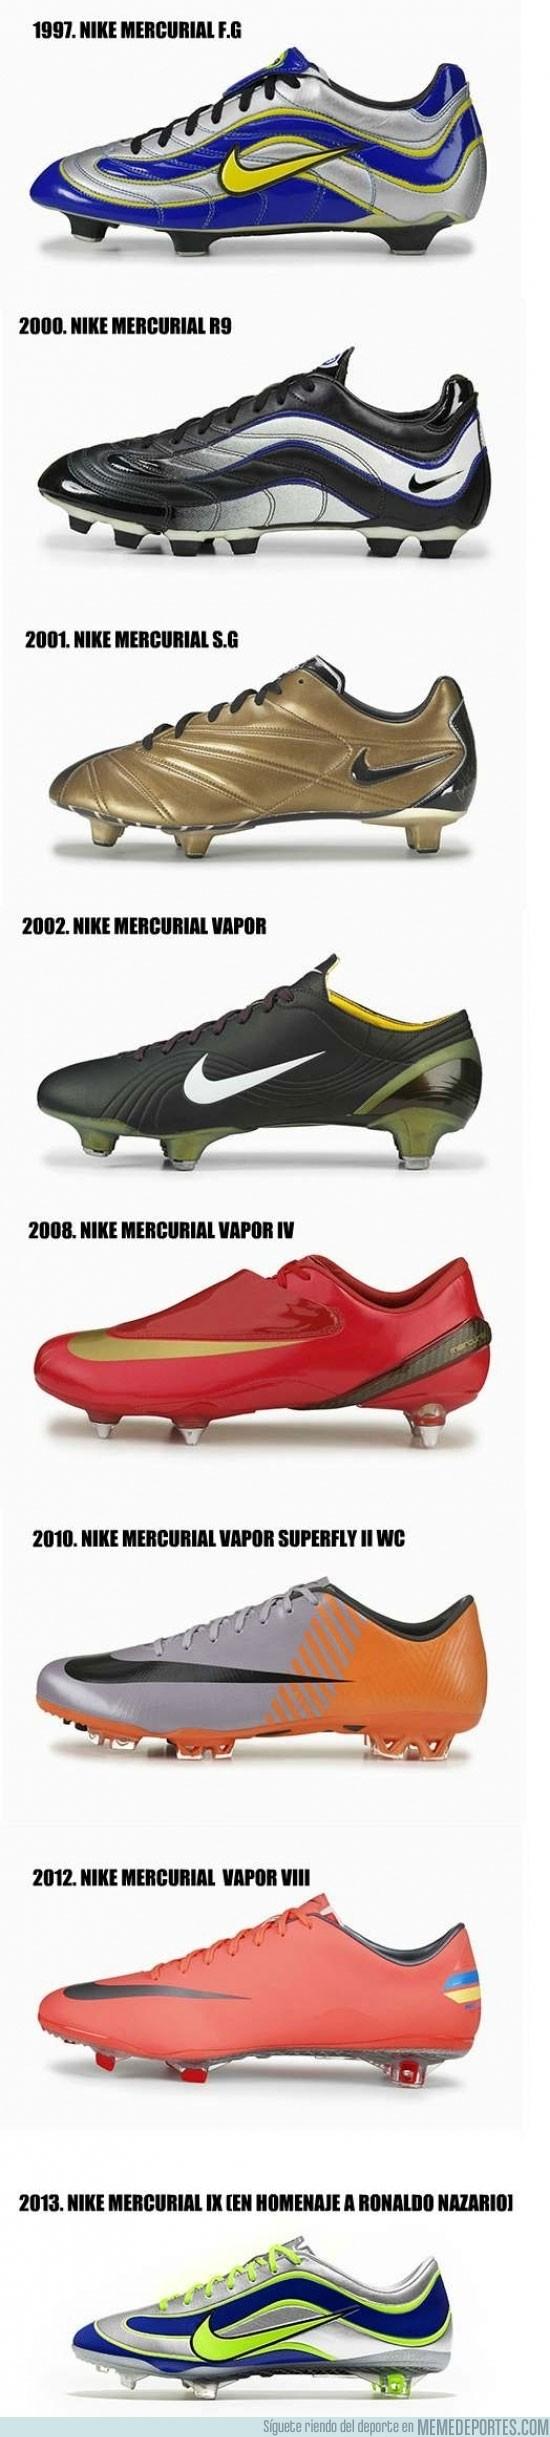 126656 - 15 años del Mercurial de Nike. Su evolución